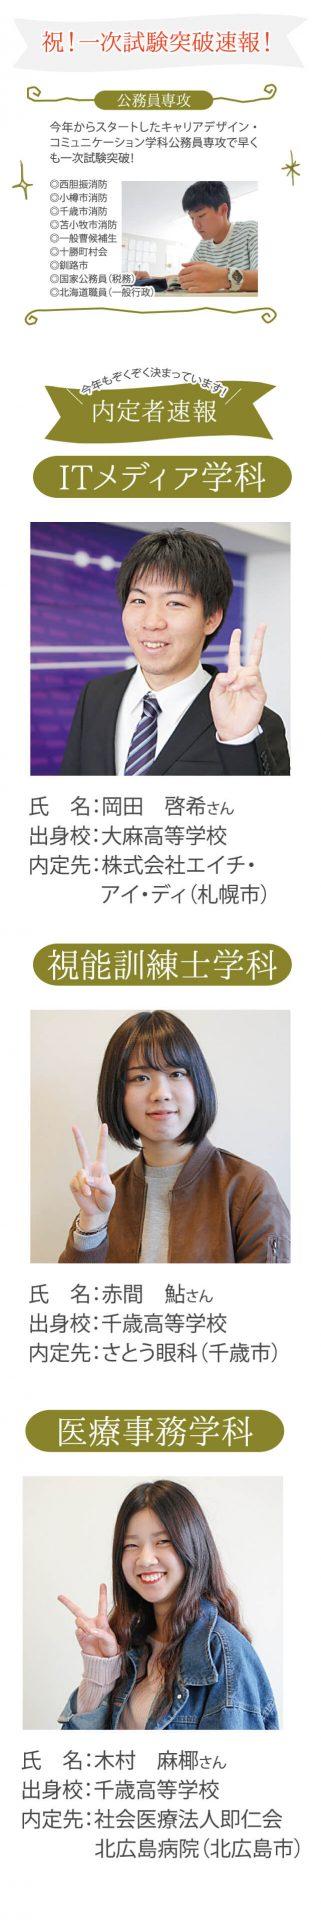 201711_お知らせ-14